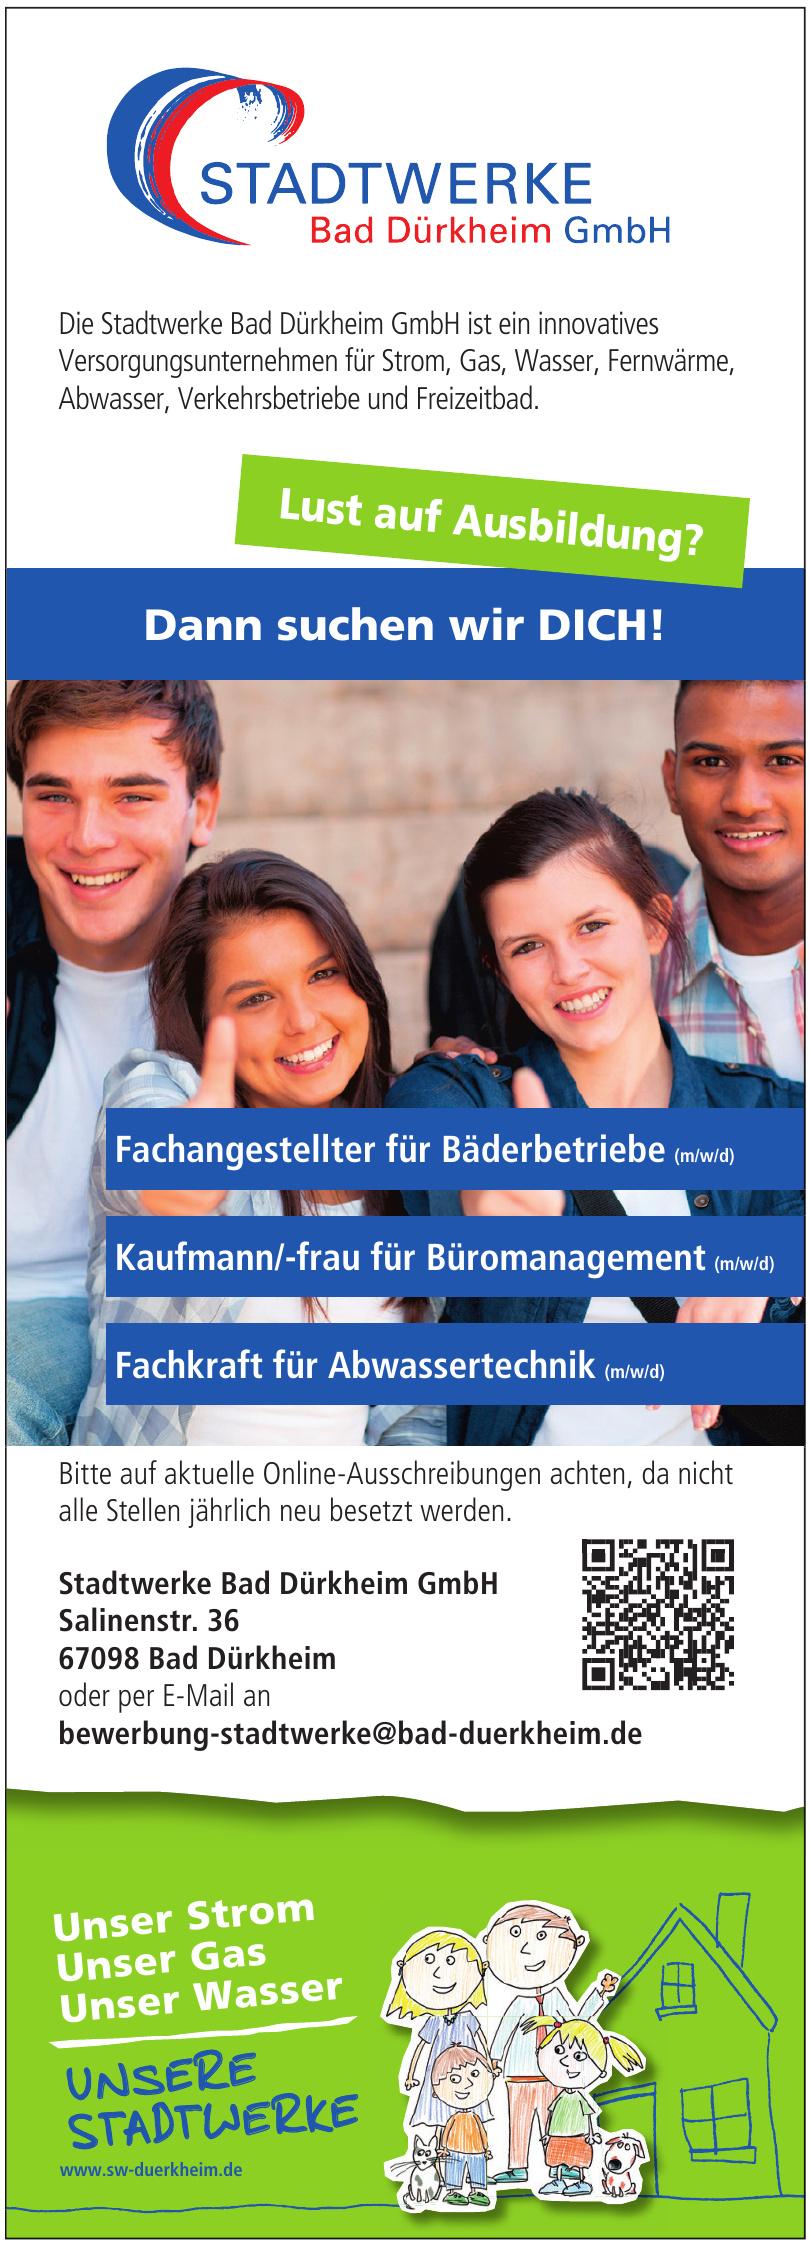 Stadtwerke Bad Dürkheim GmbH